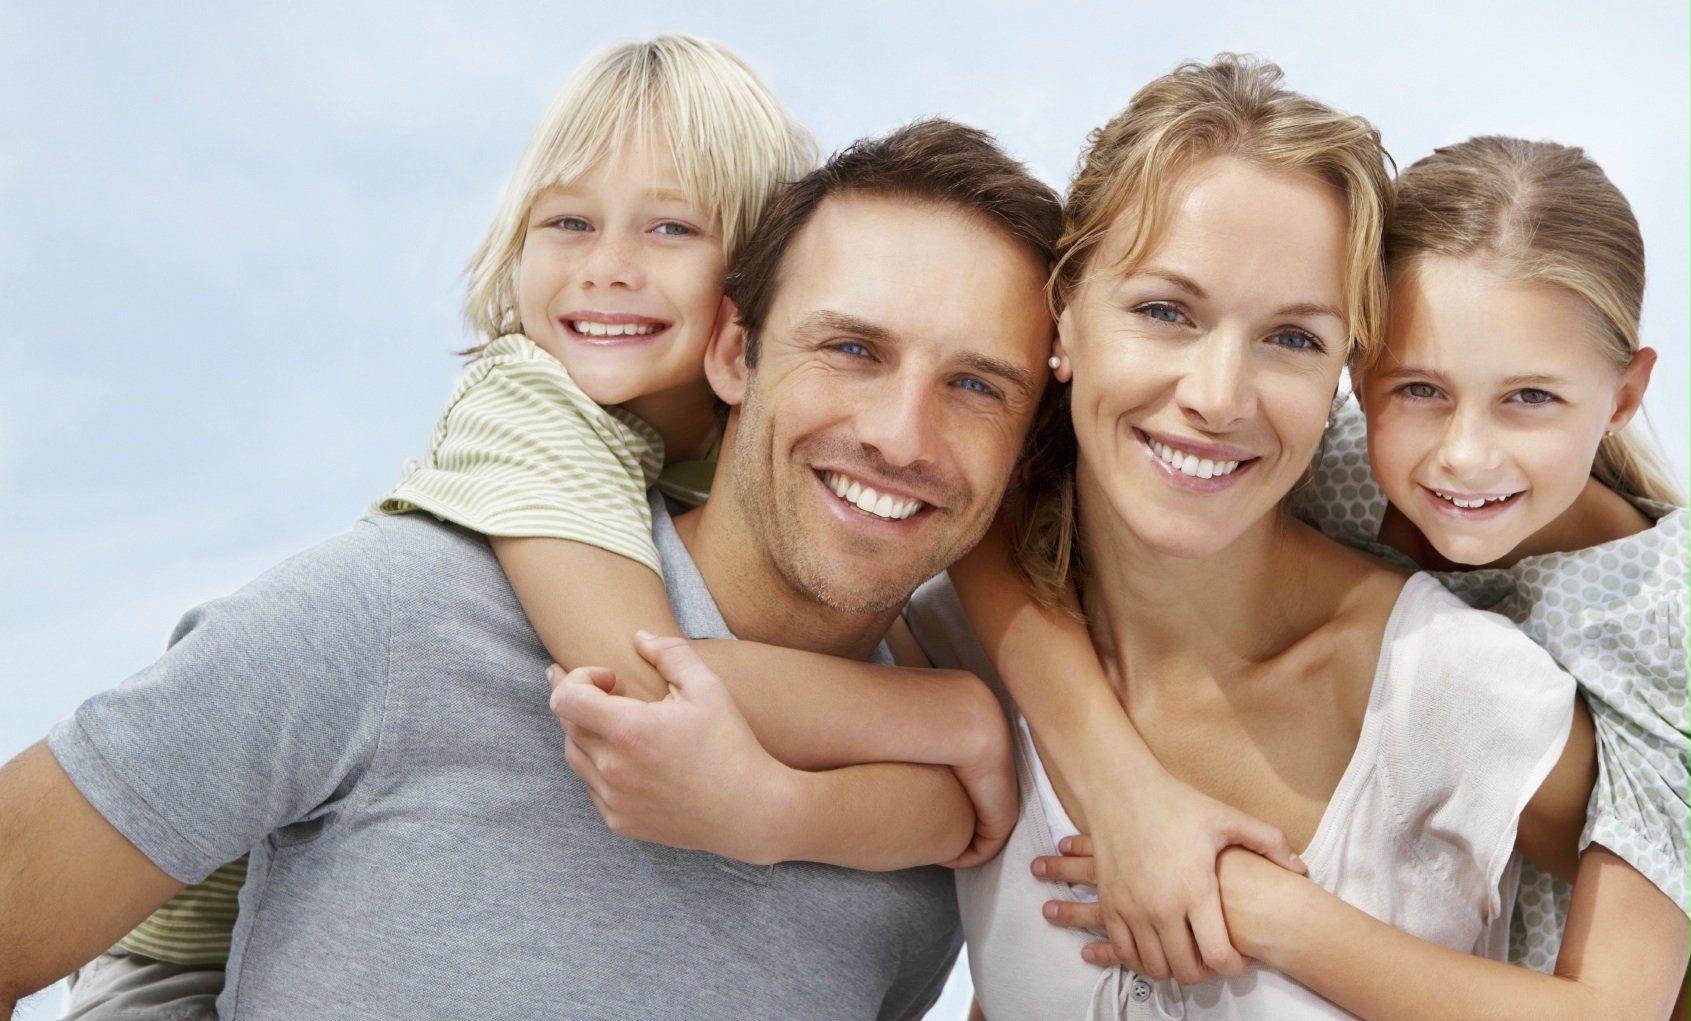 333237-happy-family-happy-family